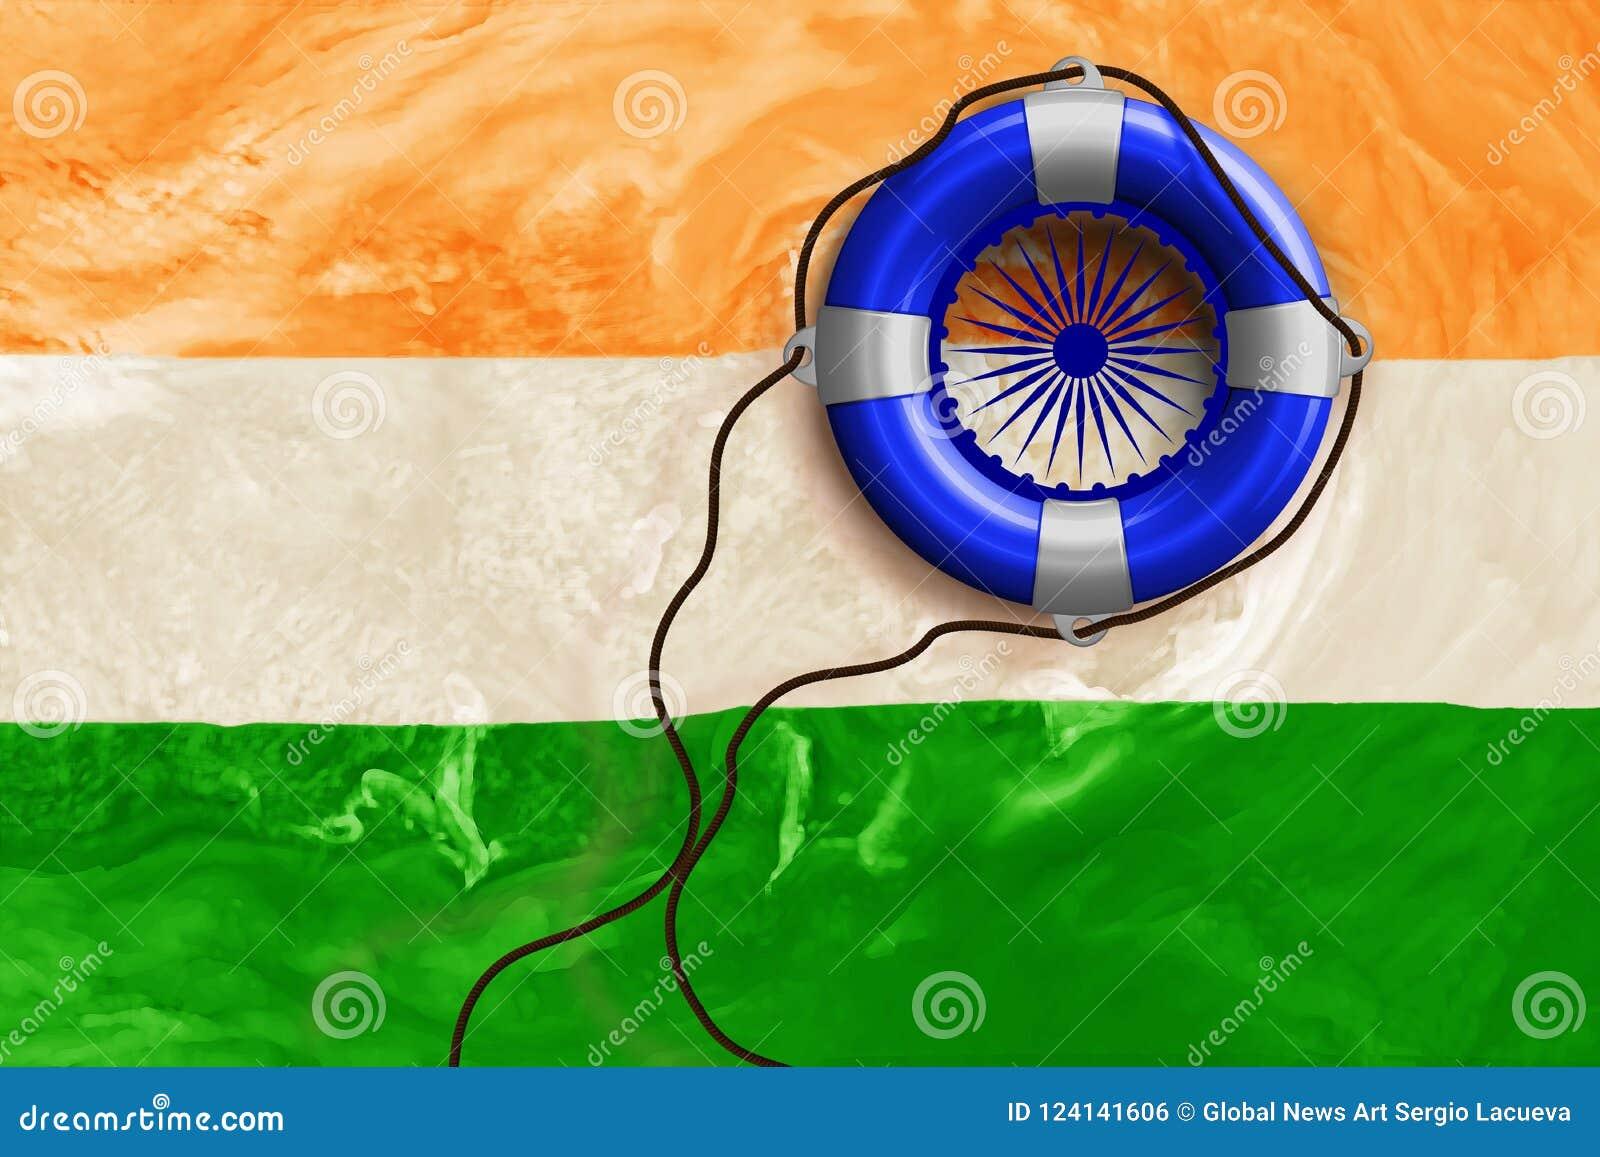 Illustratie voor reddingsinspanningen in India na vloed